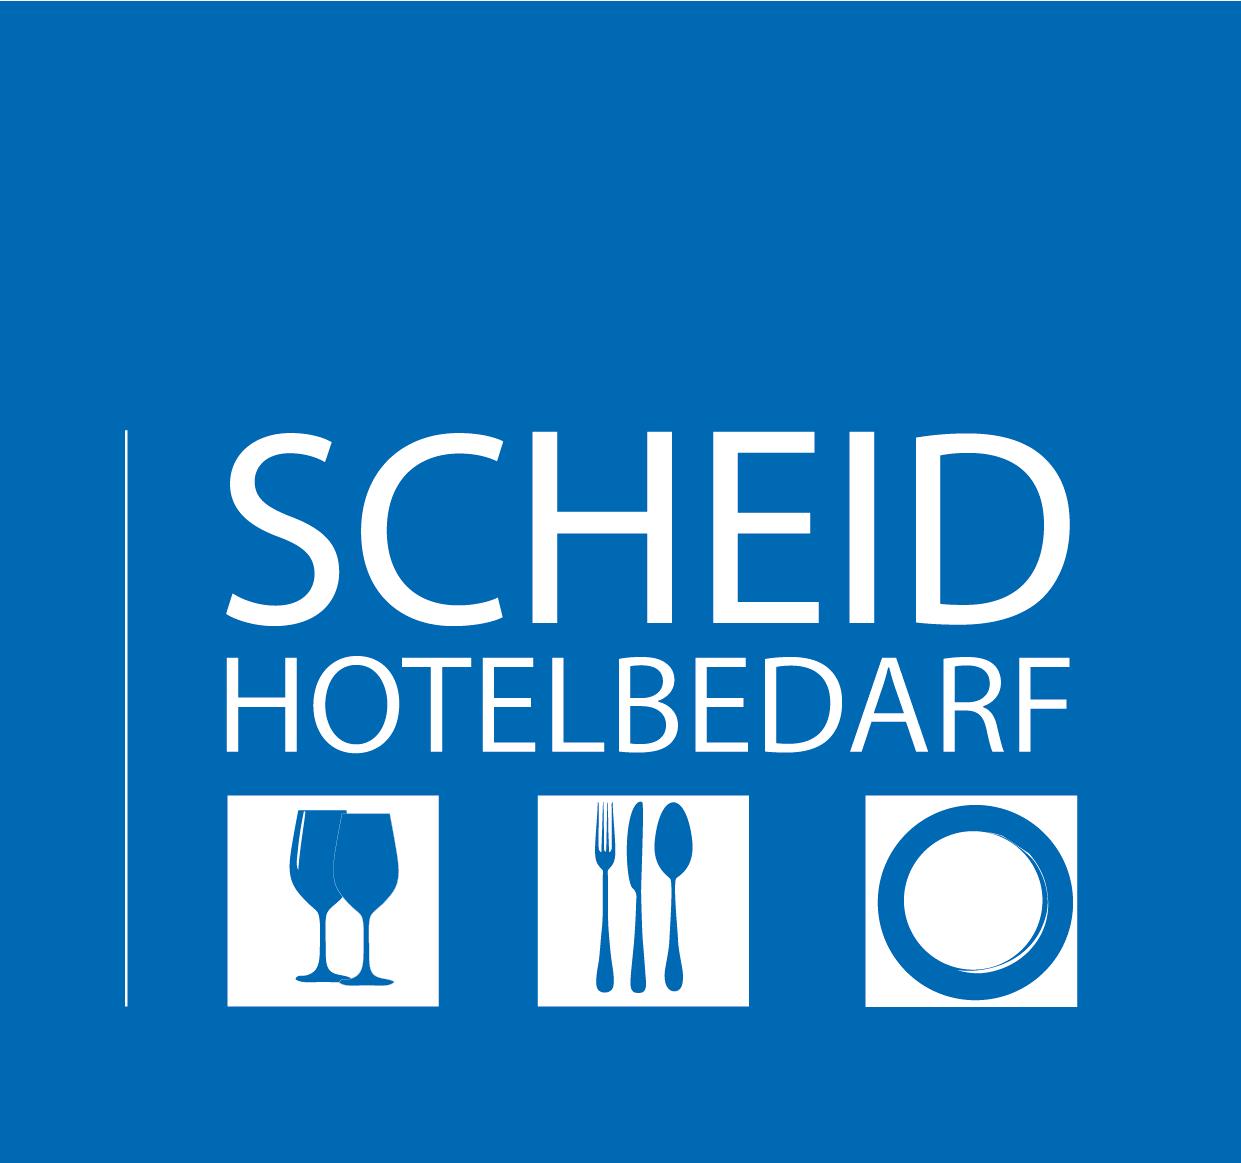 Scheid Hotelbedarf Logo negativ blau